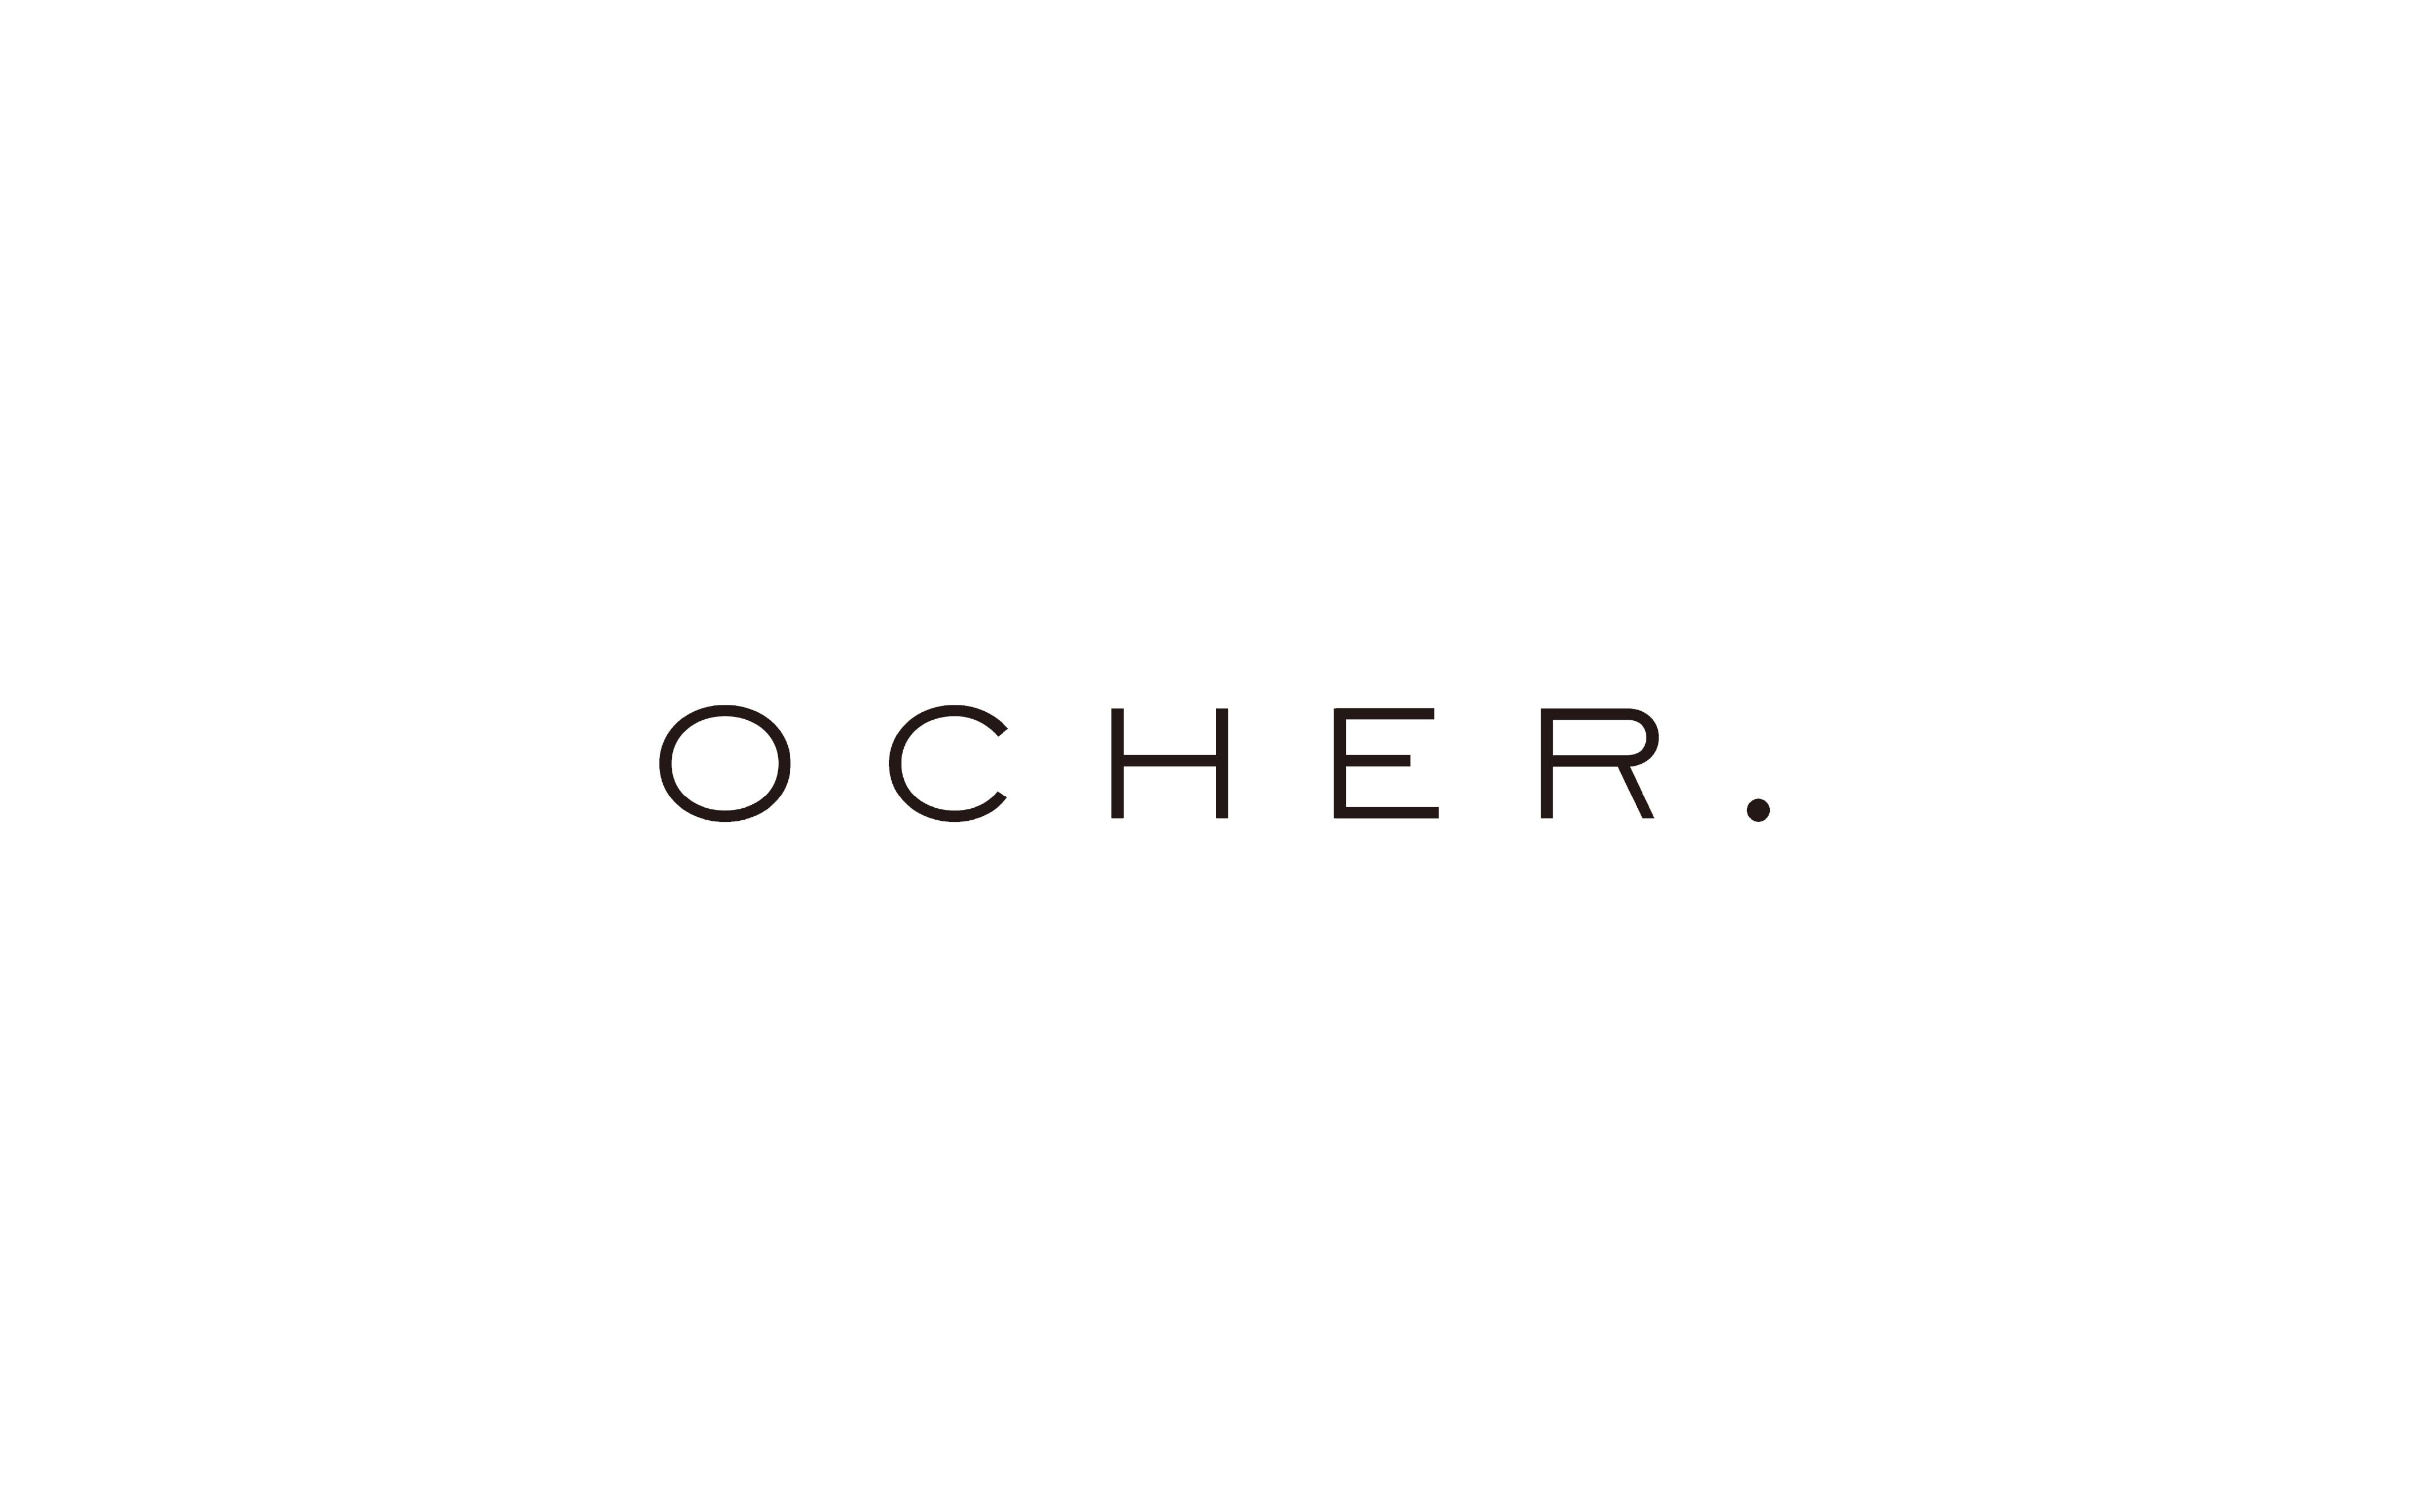 OCHER.